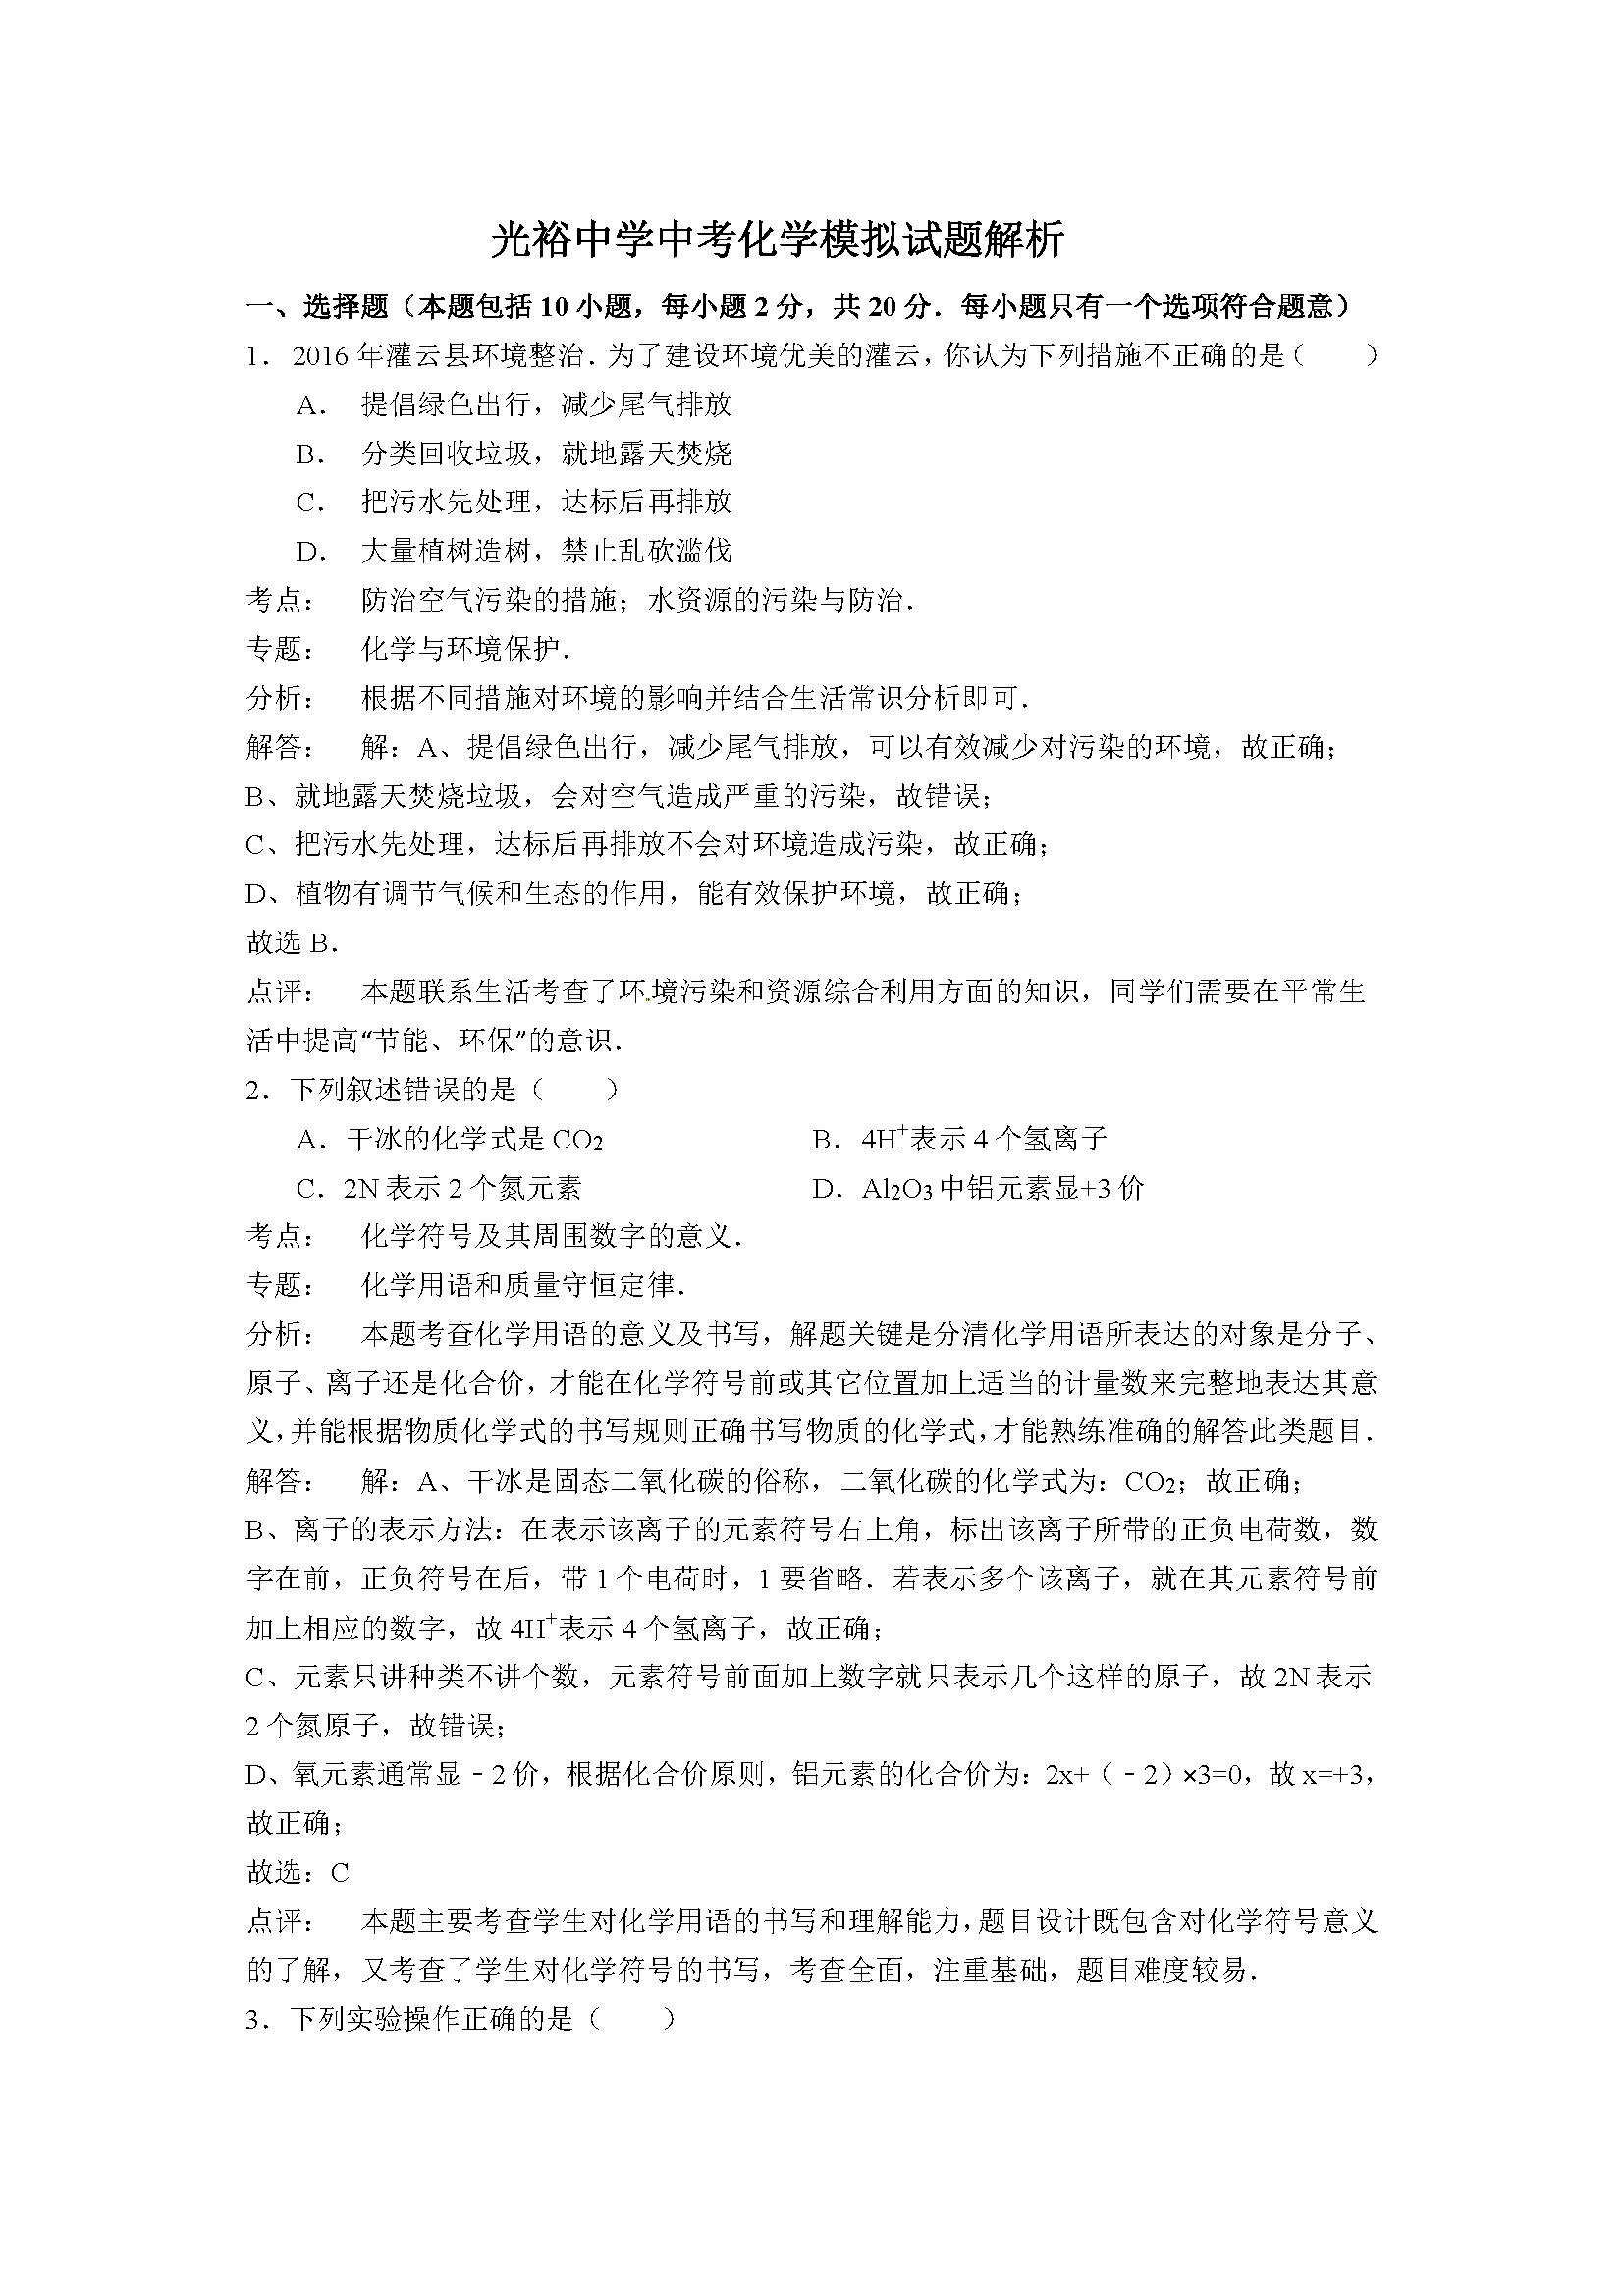 2017江苏连云港灌云九年级化学中考模拟试题答案(图片版)